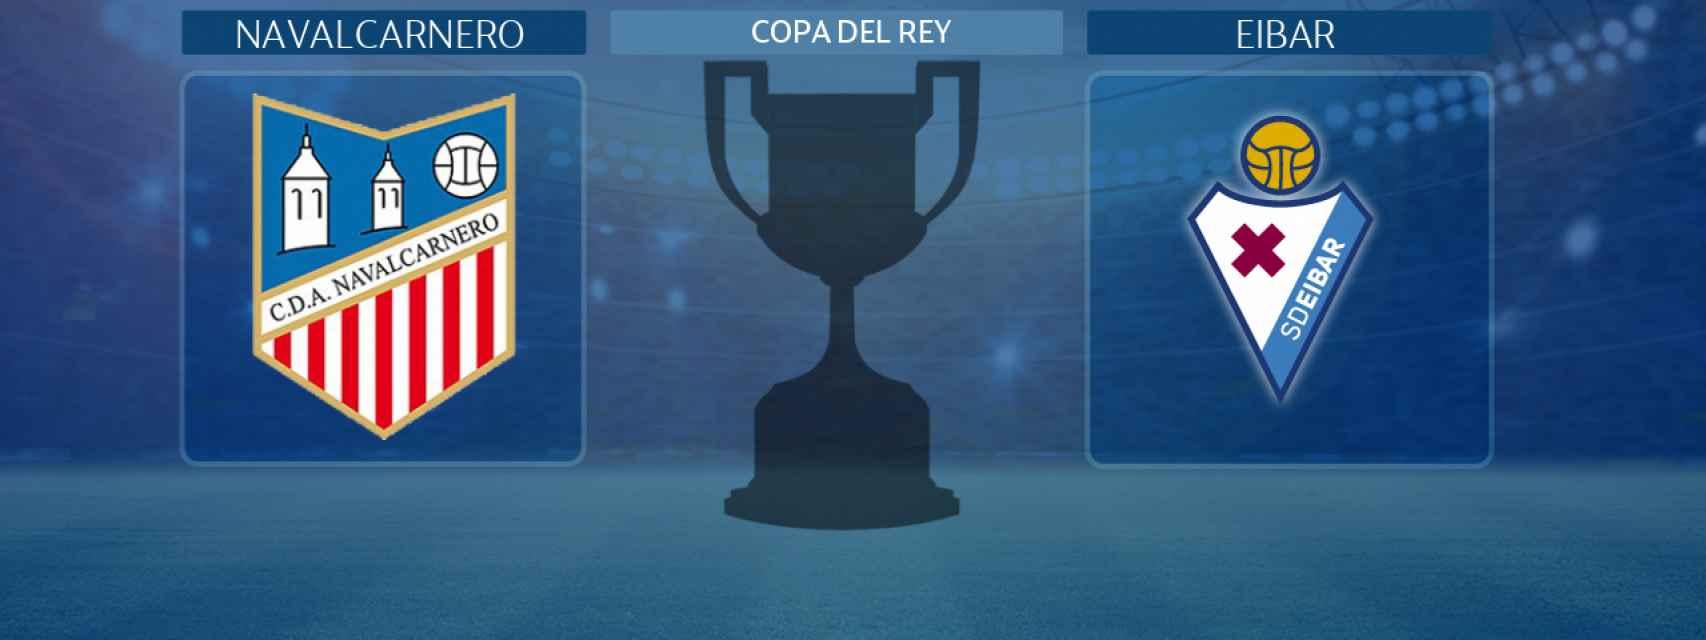 Navalcarnero - Eibar, partido de la Copa del Rey